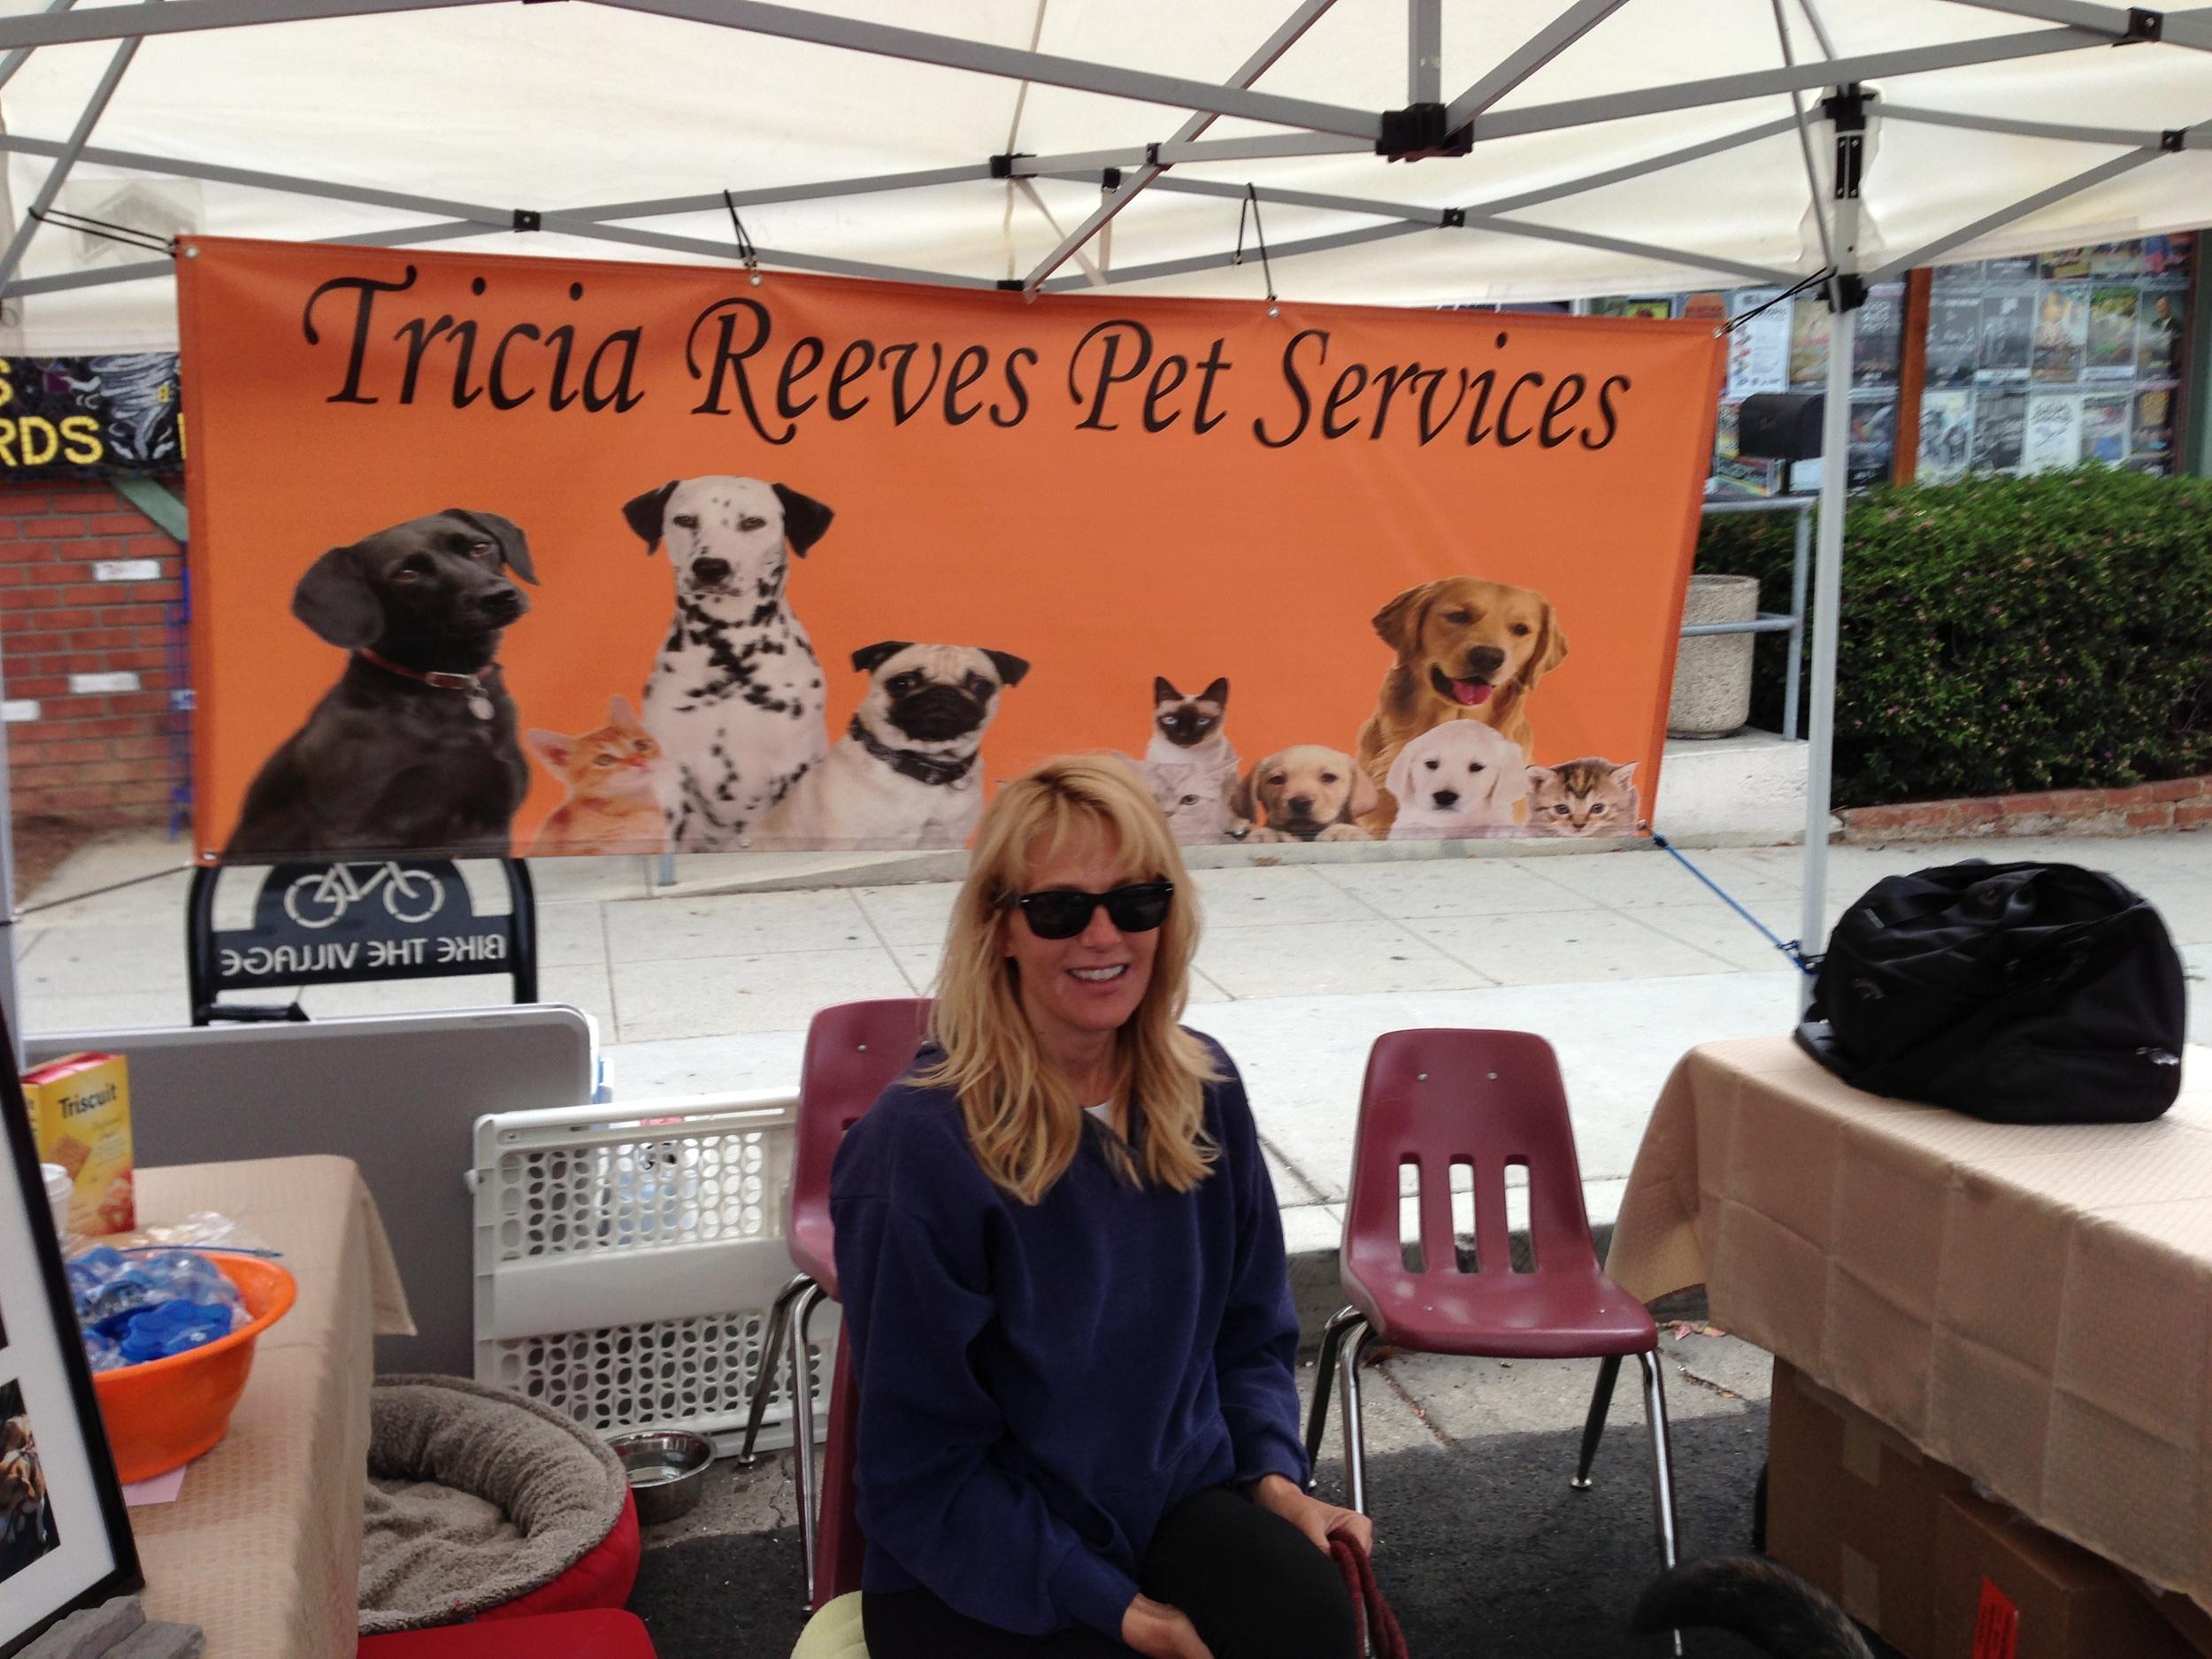 tricia street fair booth.JPG